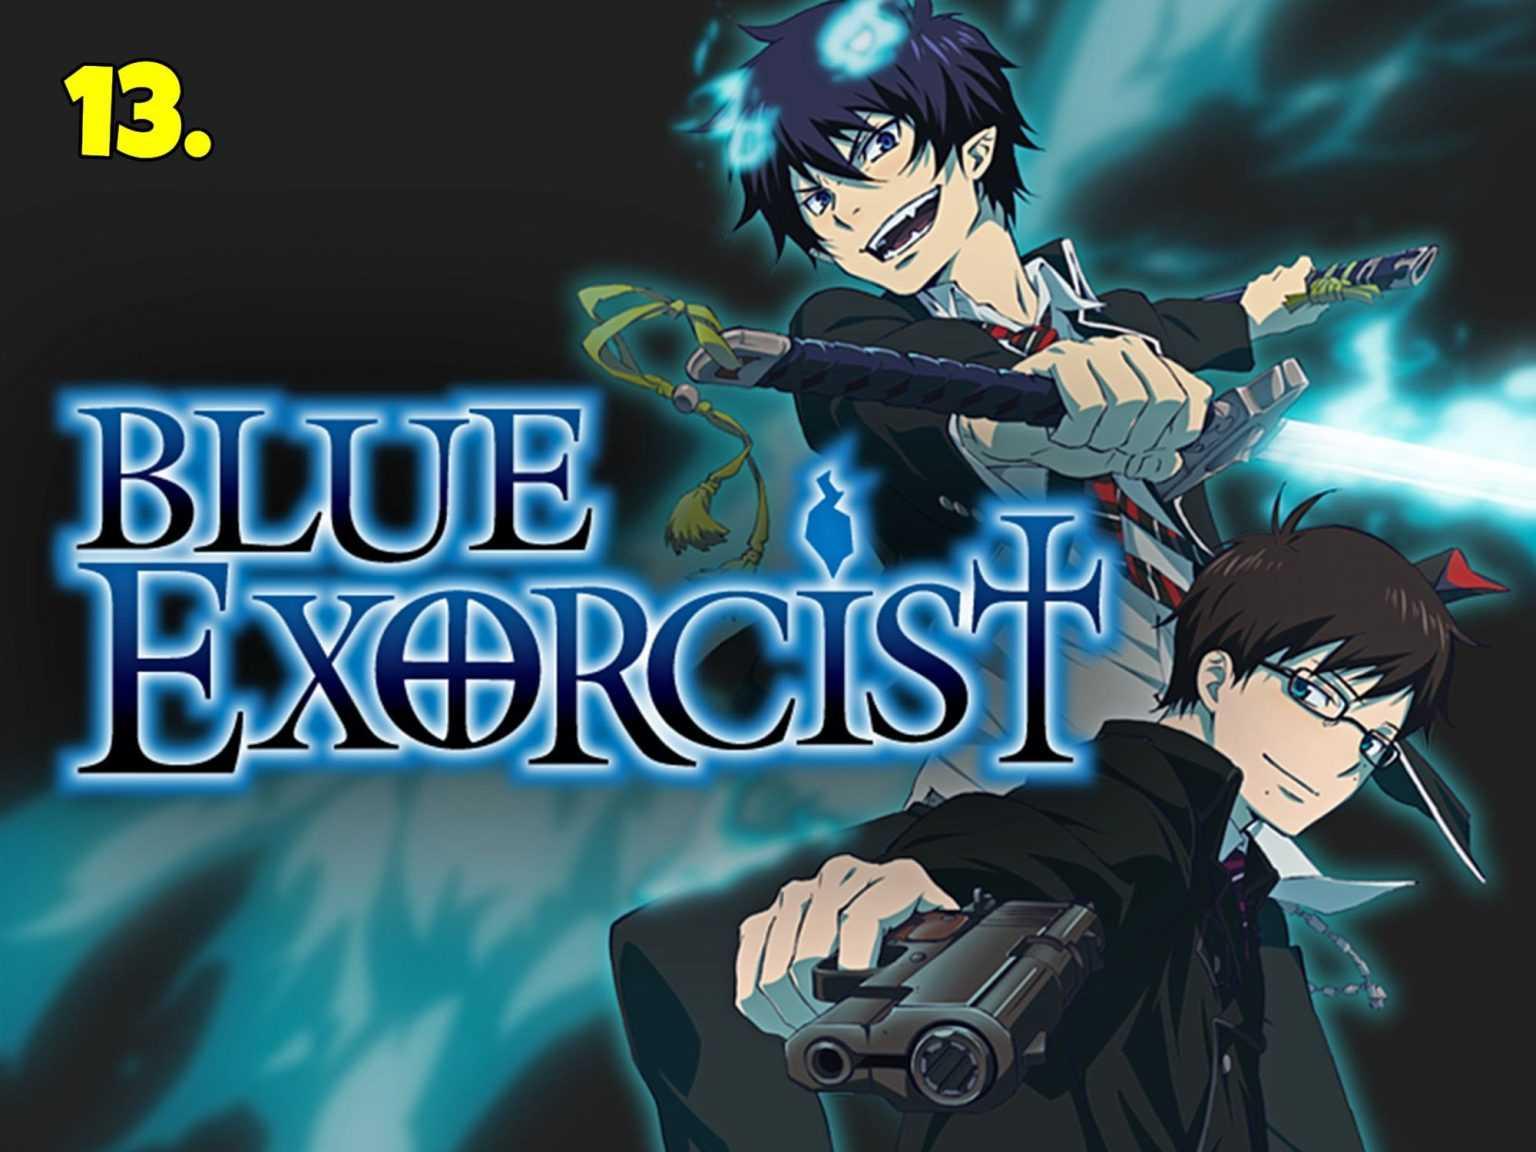 Blue-Exorcist